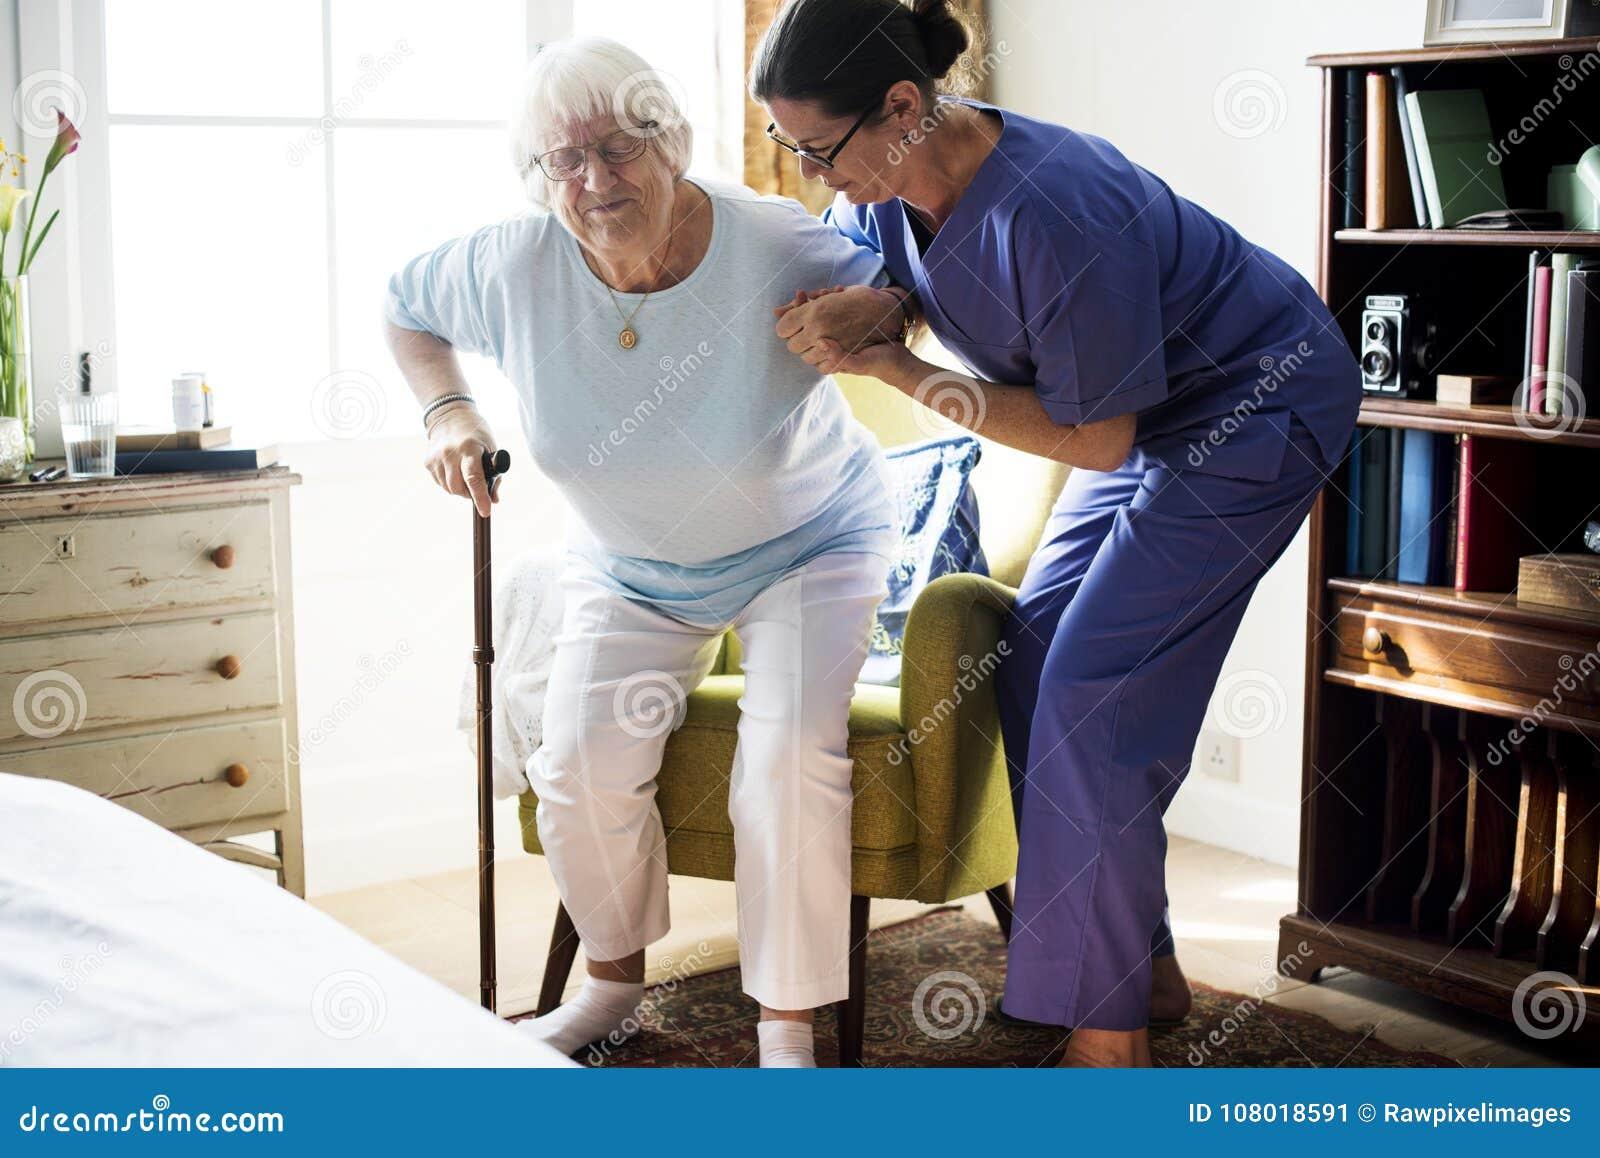 Verpleegster die hogere vrouw helpen zich te bevinden